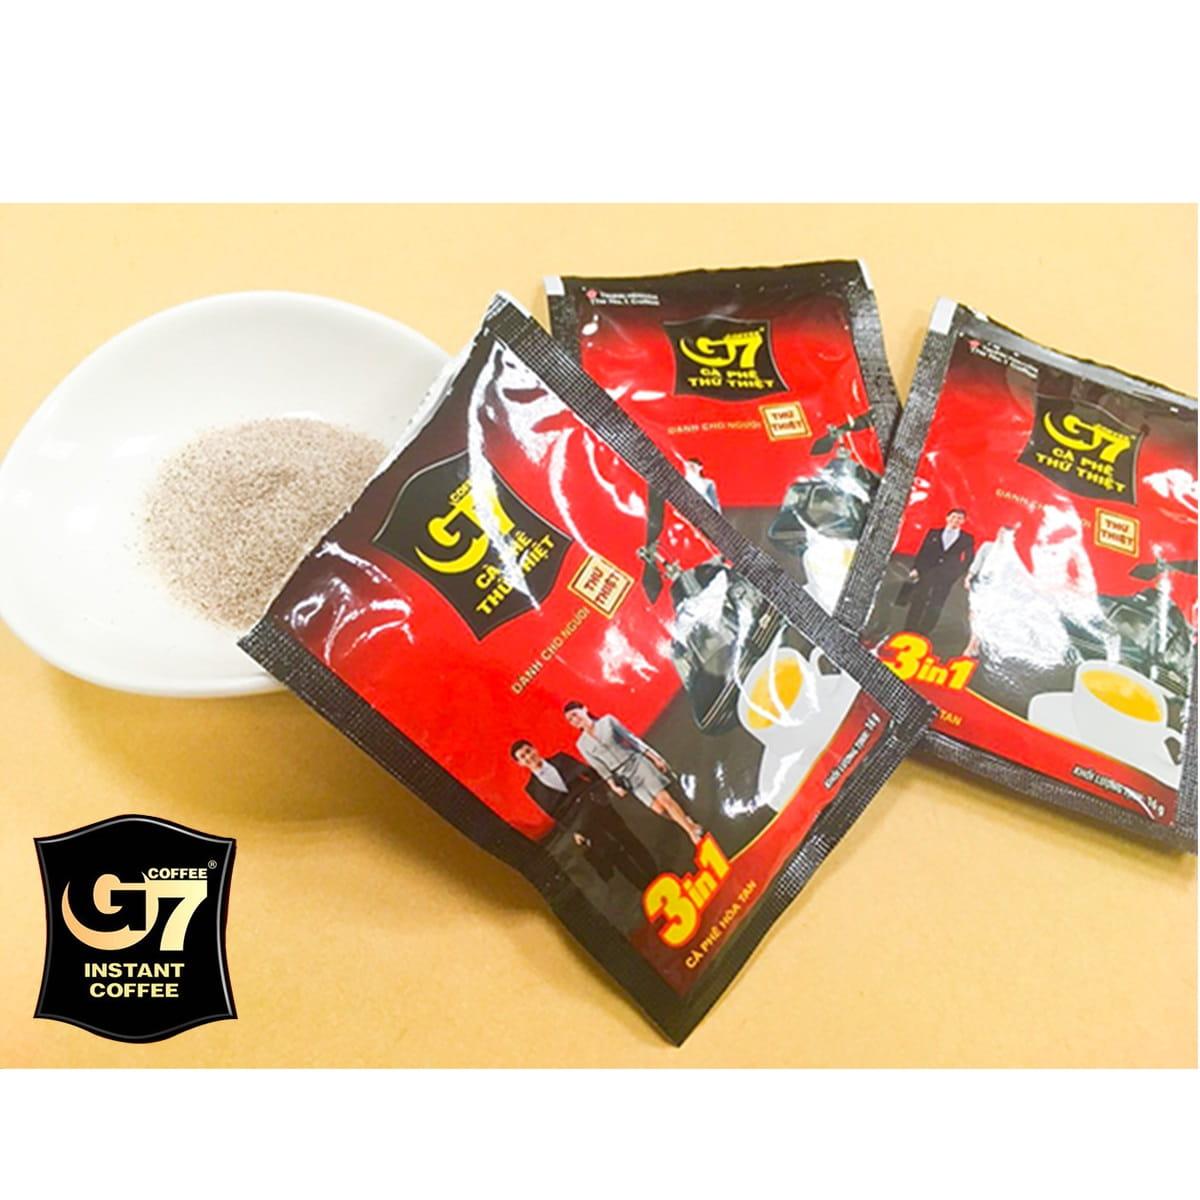 越南G7三合一咖啡(16g*50入)/袋 3